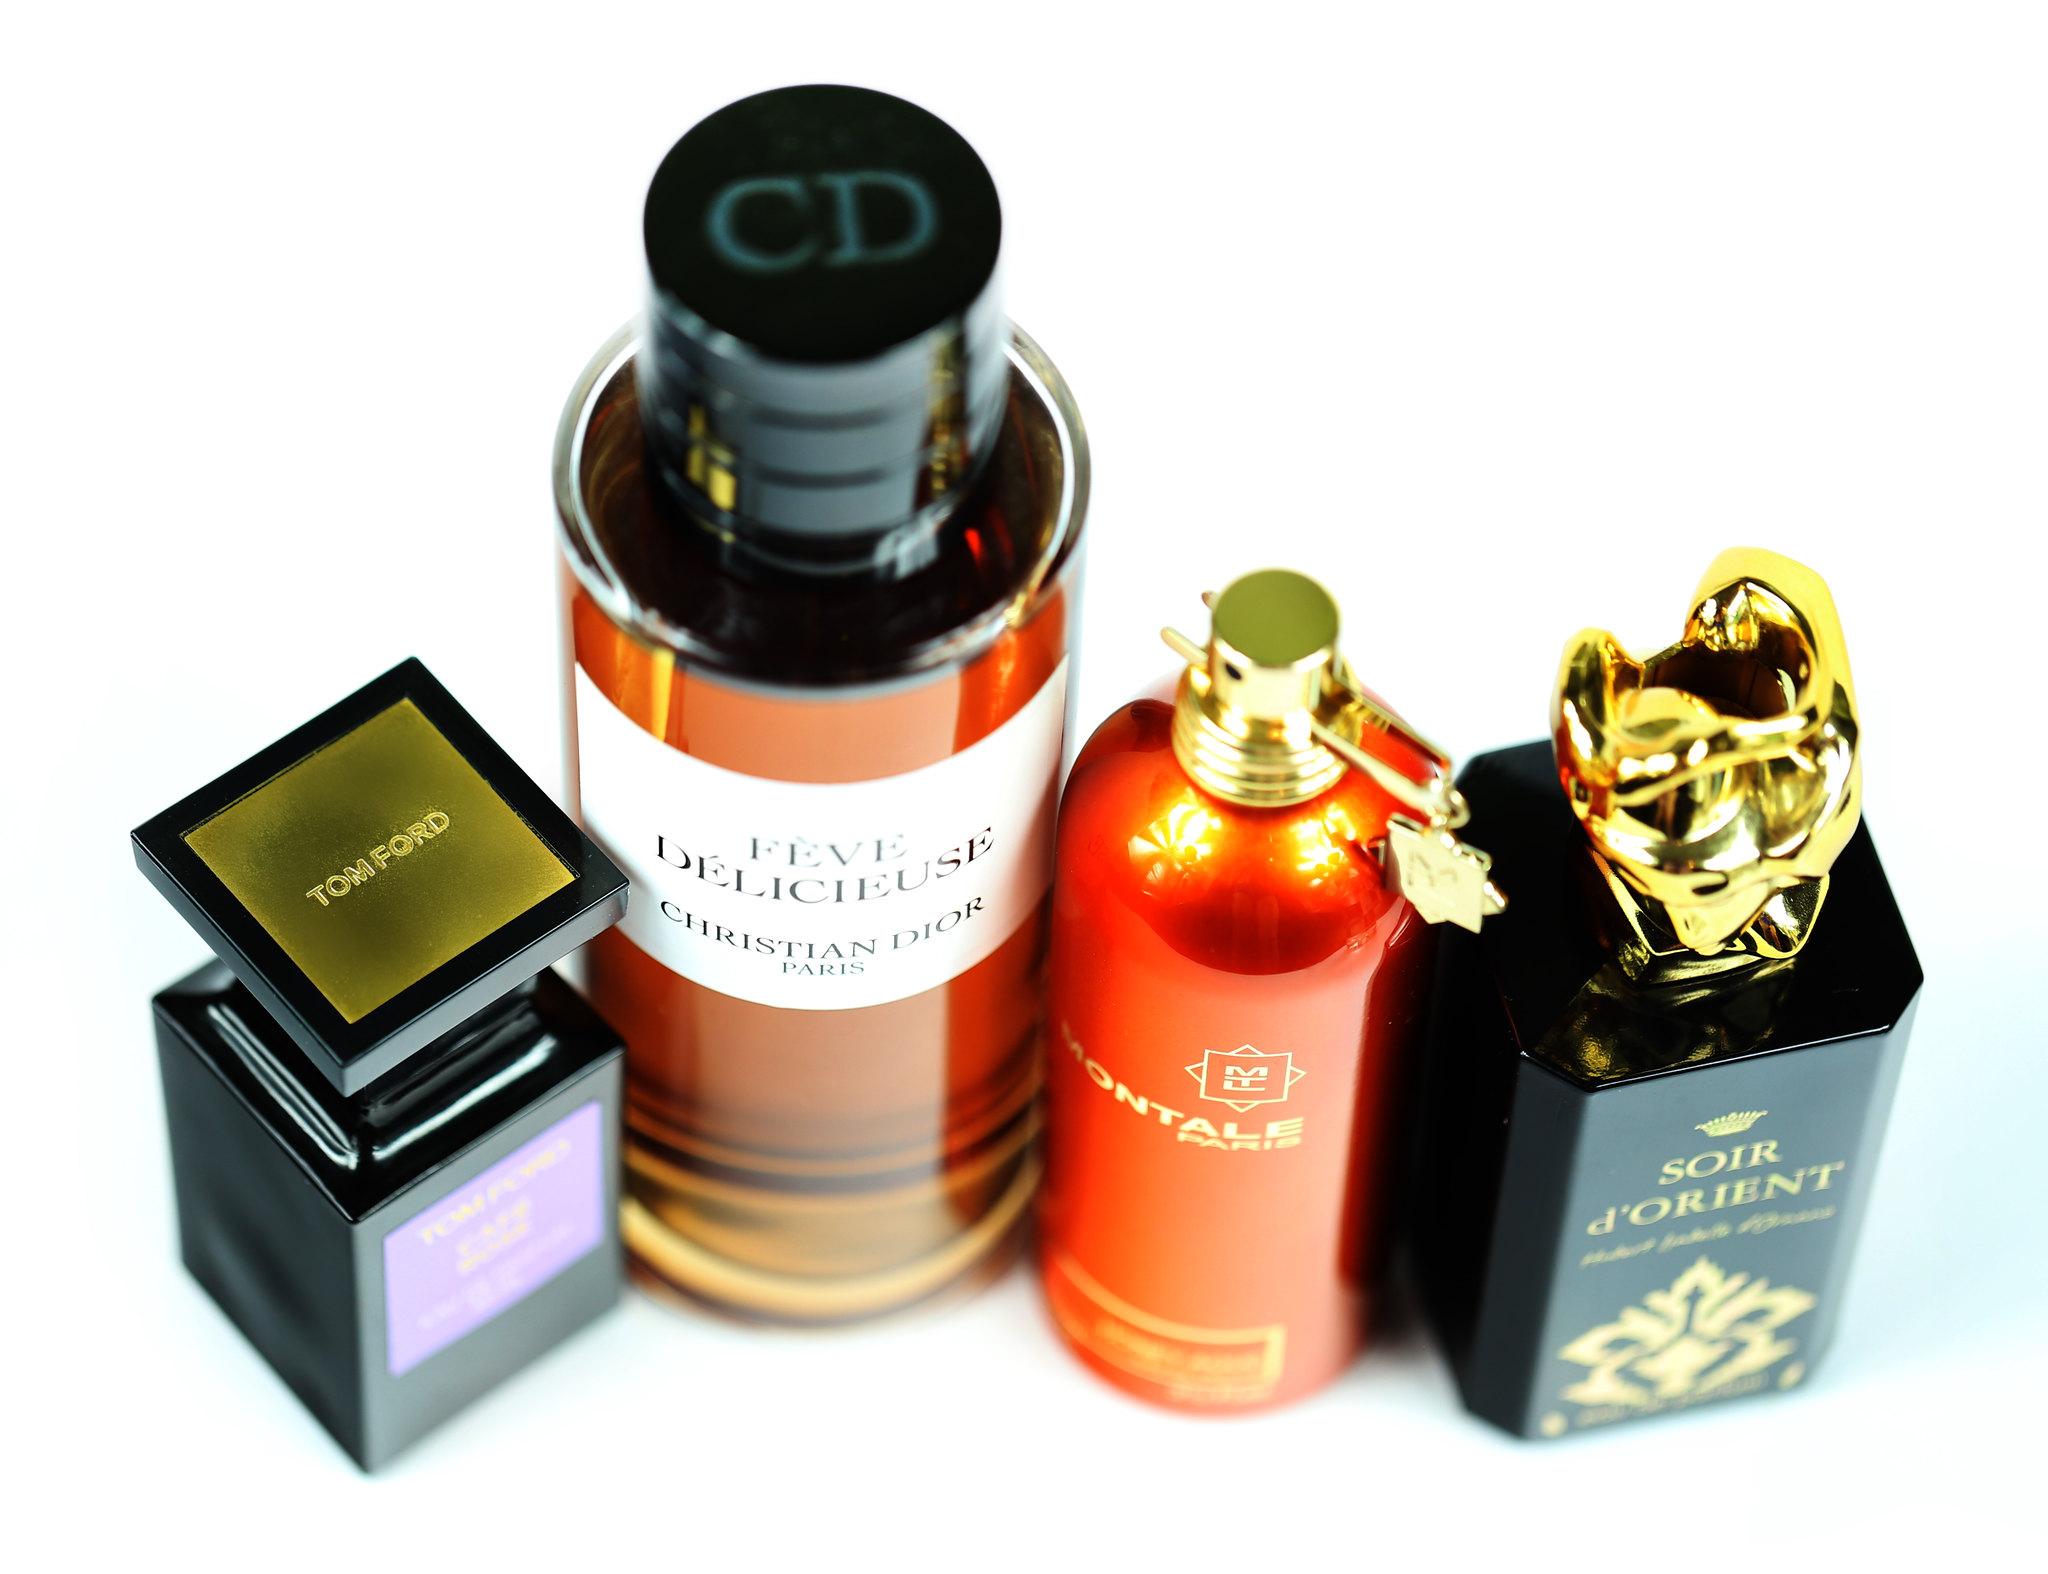 Ocenianie i recenzowanie perfum